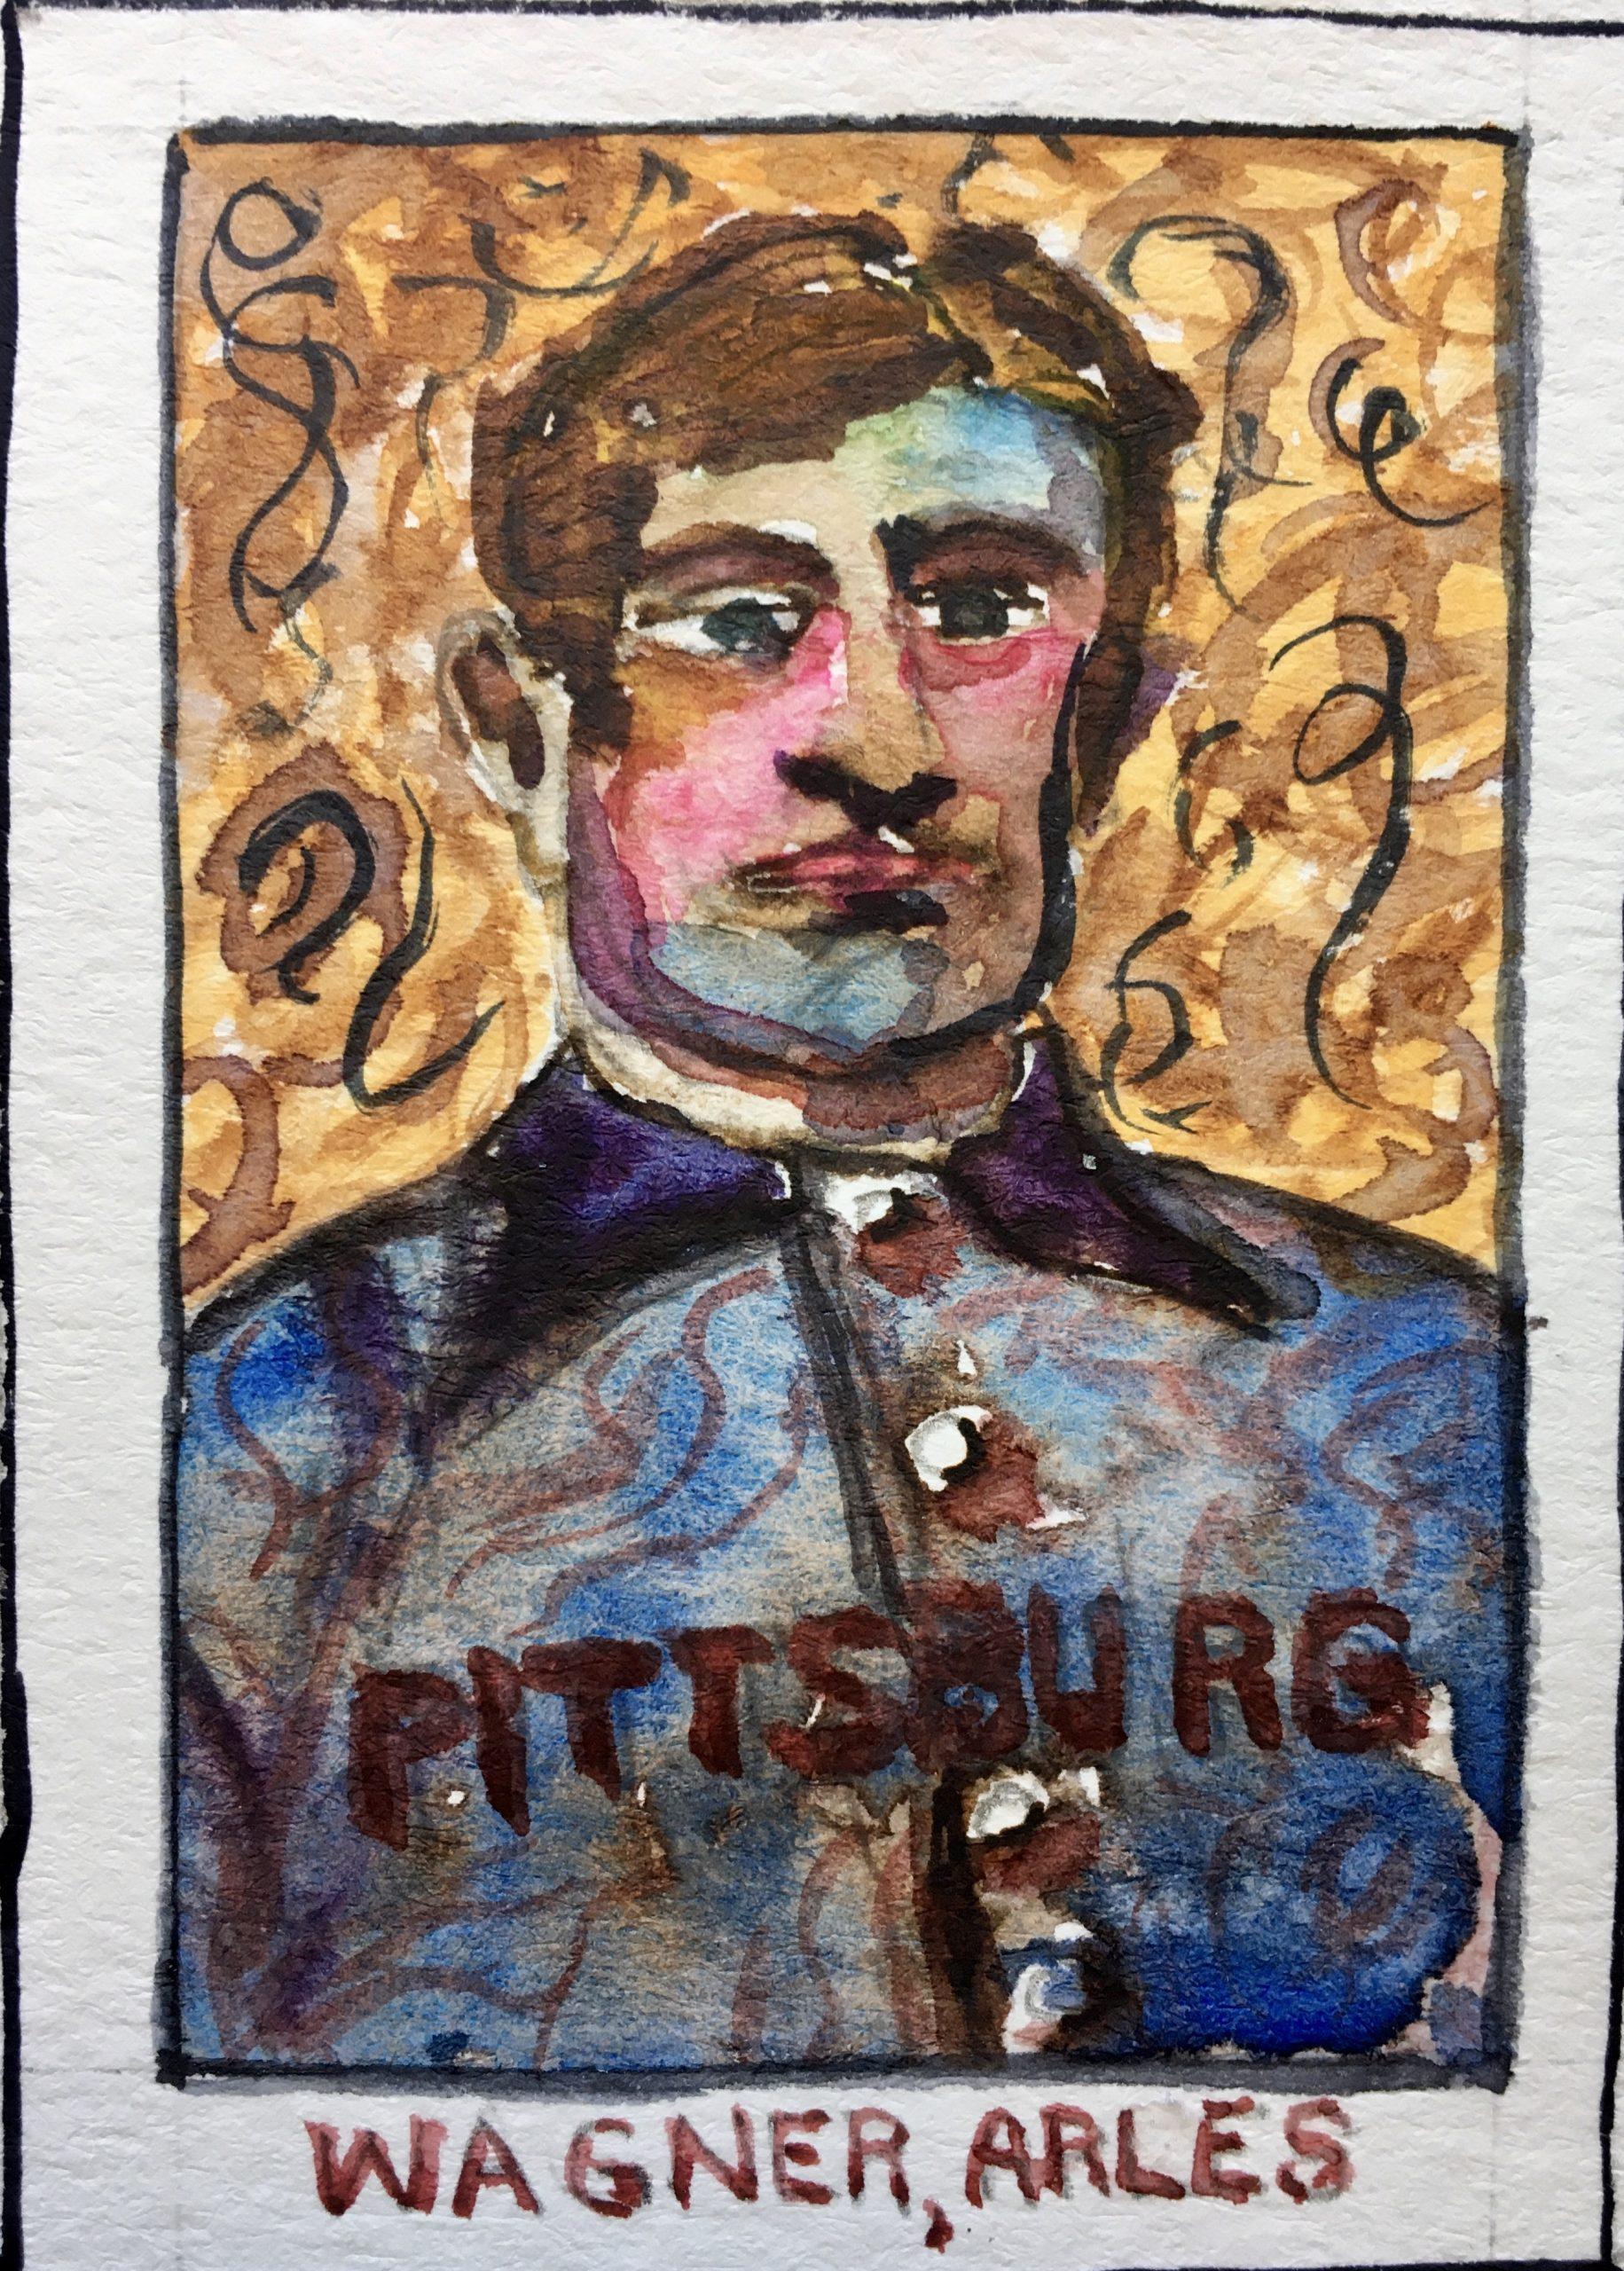 Van Gogh walks into a ballgame